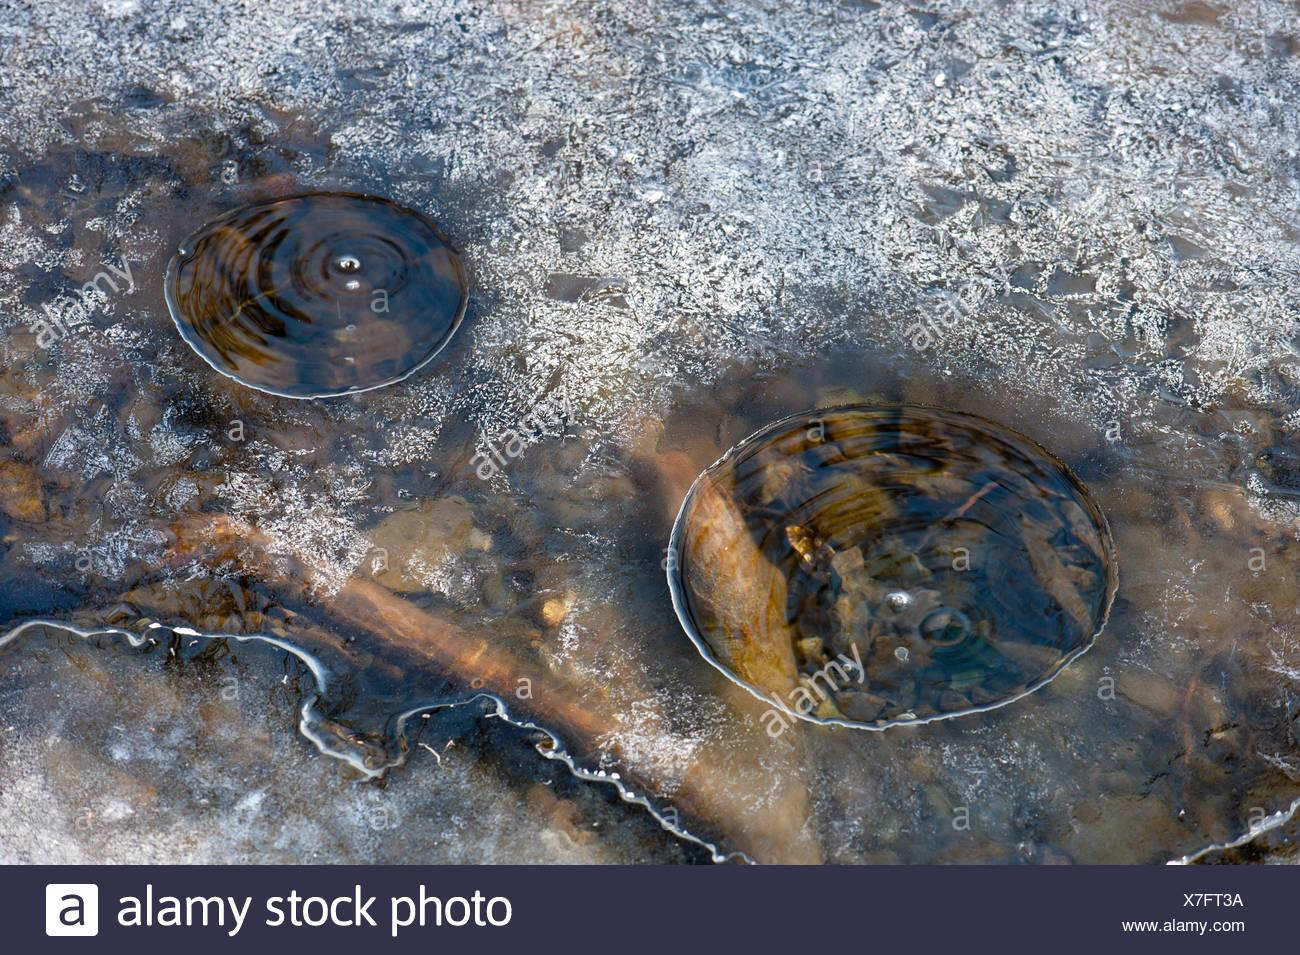 Burbujas, el dióxido de carbono escapa, o mofette mofettes, ver el lago Laacher, Laach, distrito de Ahrweiler, región de Eifel Imagen De Stock